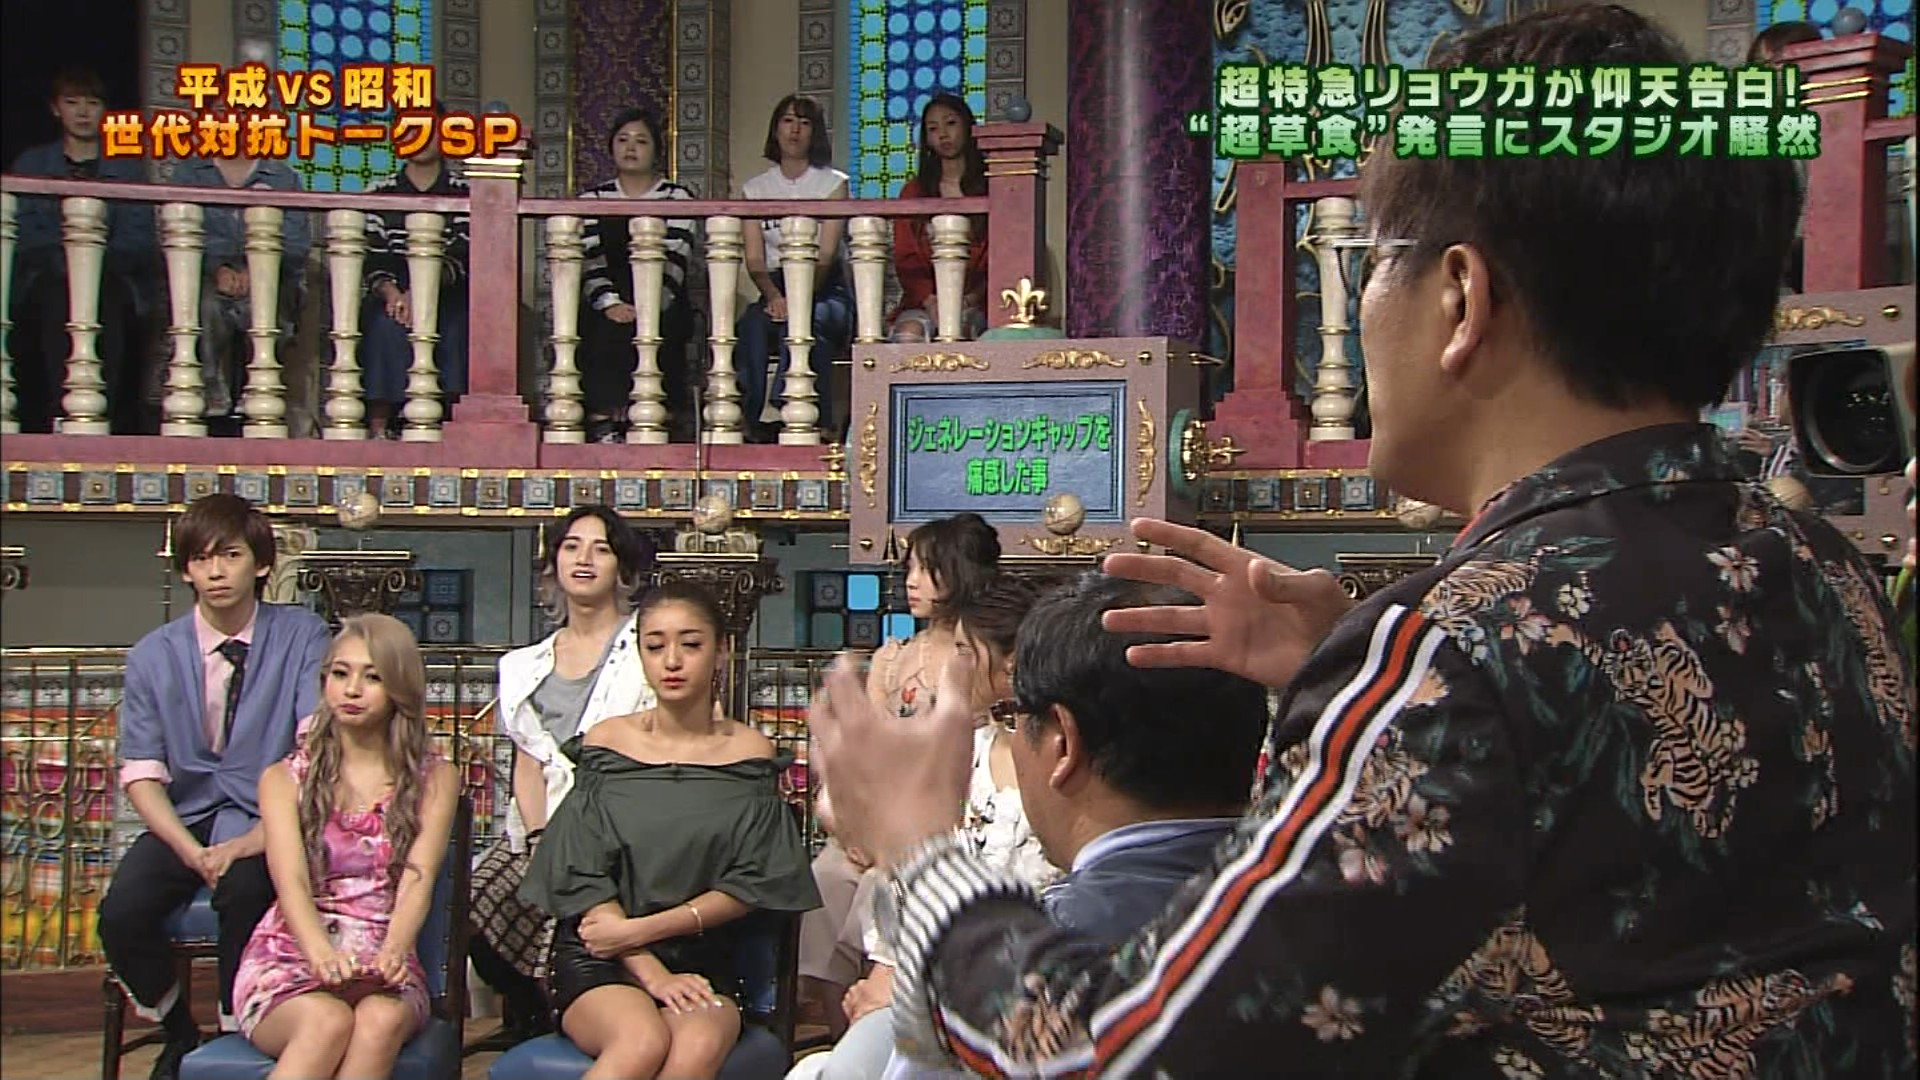 木村有希_パンチラ_テレビキャプ画像_09